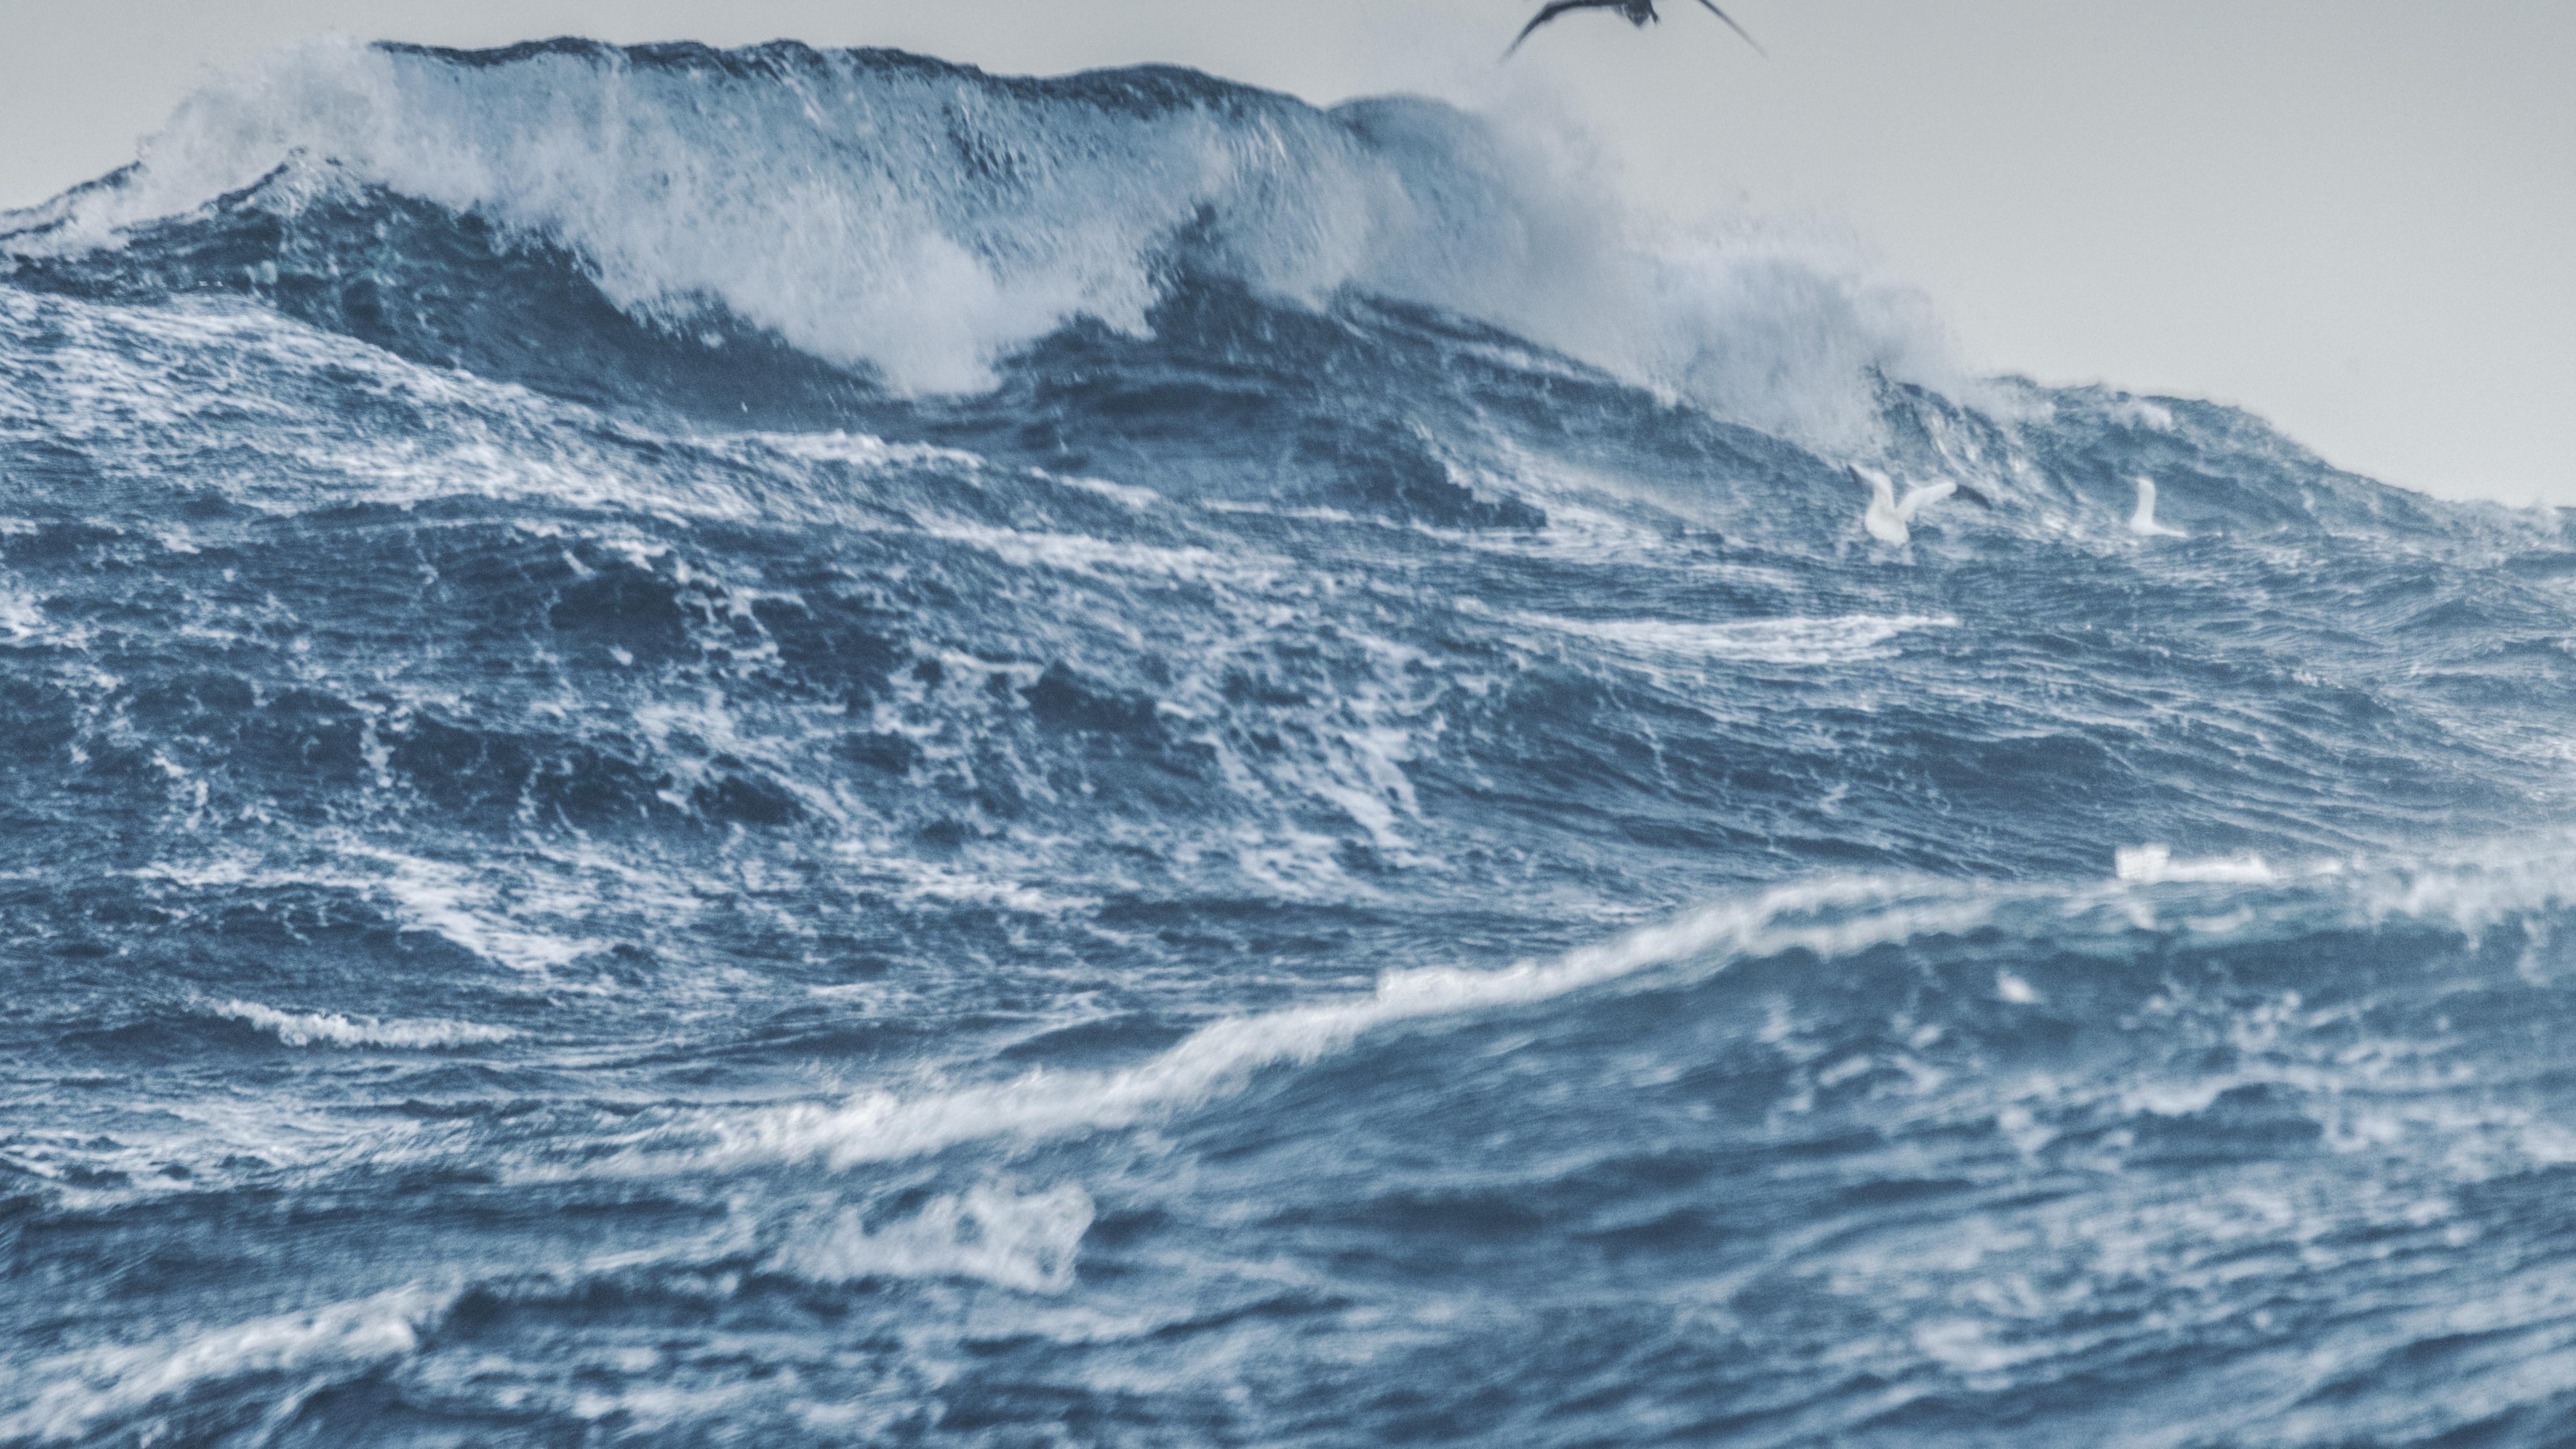 上图:地中海的风暴。古代中东人普遍把地中海和其中的海怪视为混沌和没有秩序的代表。海洋和陆地的争斗,怒海无法控制的能力,都是古代中东神话的重要因素。巴比伦创世史诗《埃努玛埃利什》描写马尔杜克如何在代表大水混沌之女神查马特以龙的形式出现时,把她克服。乌加列传说中很多关于巴力的循环故事,都是描述巴力、亚拿特与对手海神之间的争斗。